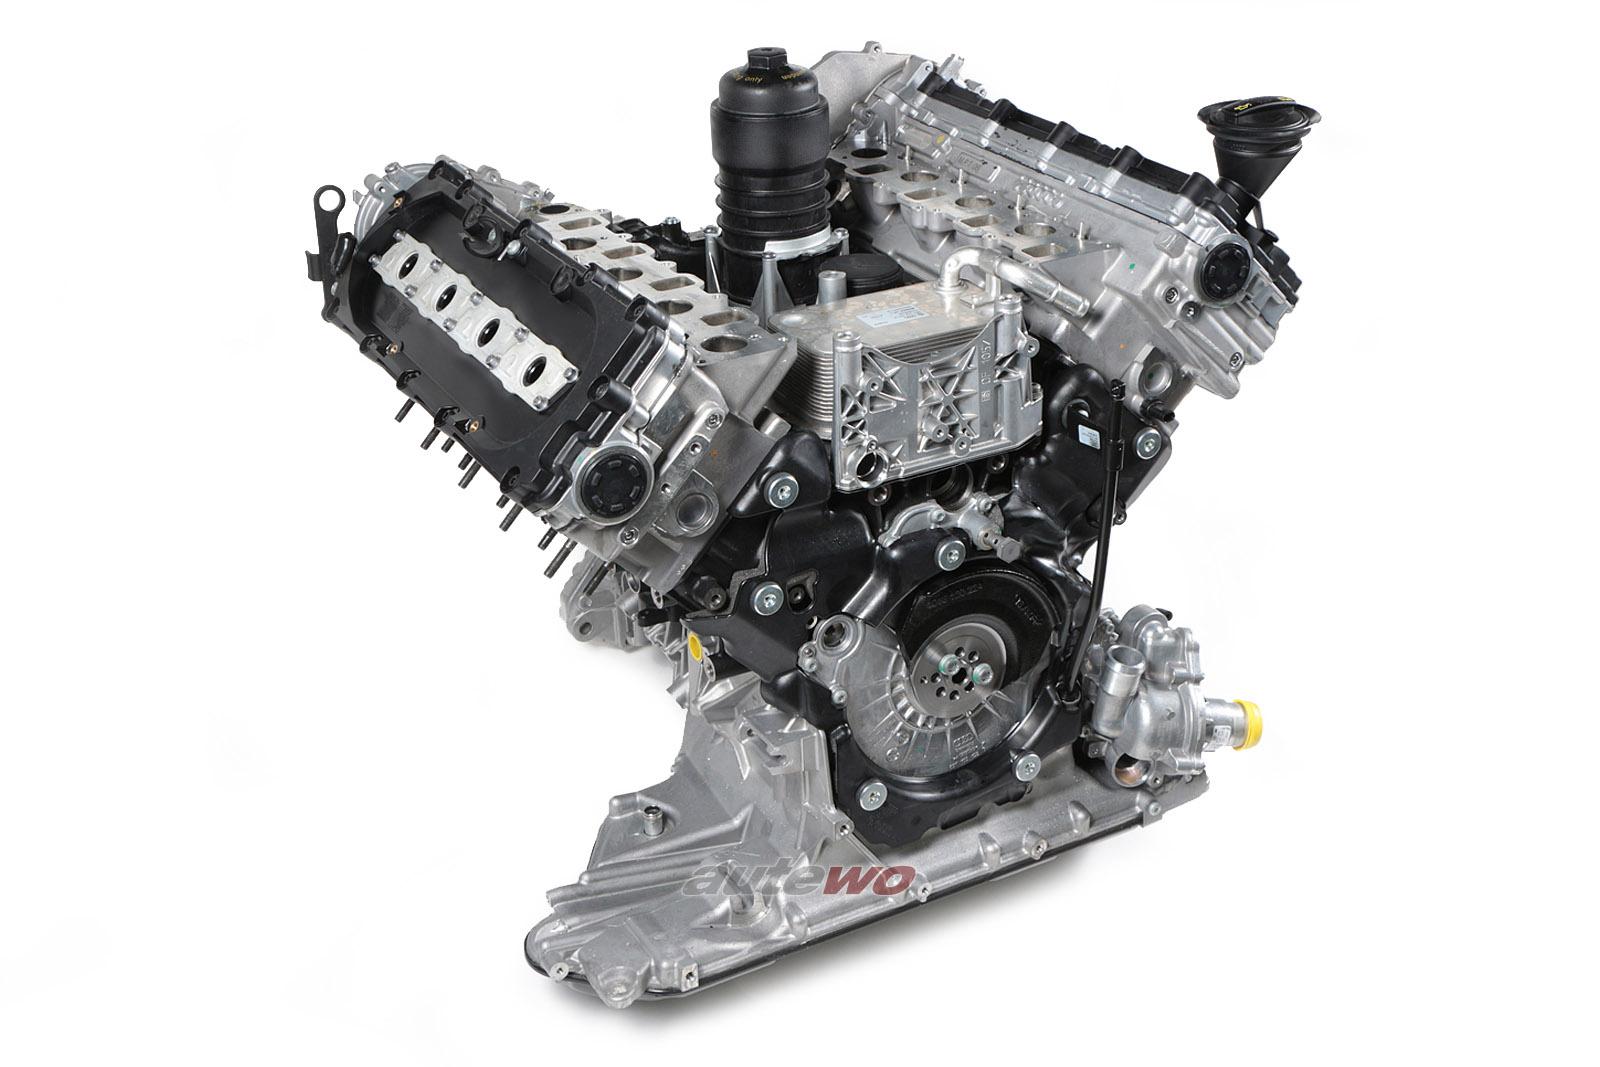 #057100031M NEU Audi A8 D4/4H 4.2l 385PS 8 Zylinder CTE Motor im Austausch